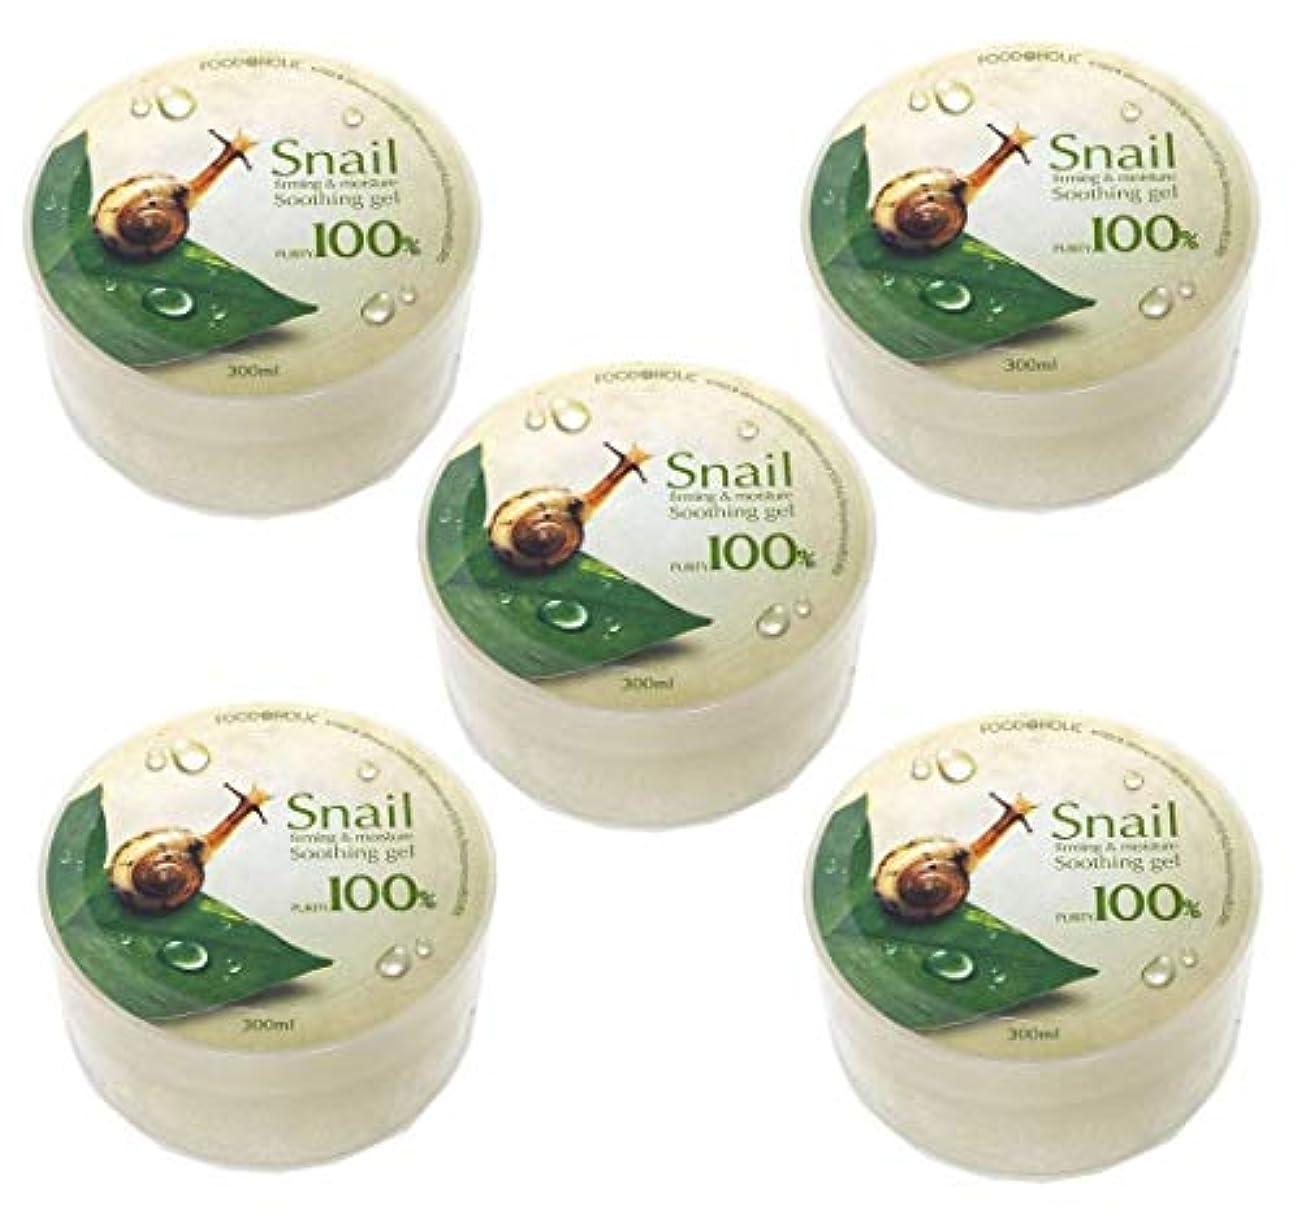 エミュレーションキャラクター注ぎます[Food A Holic] スネイルファーミング&水分スージングジェル300ml X 5ea / Snail Firming & moisture Soothing Gel 300ml X 5ea / 純度97% /...